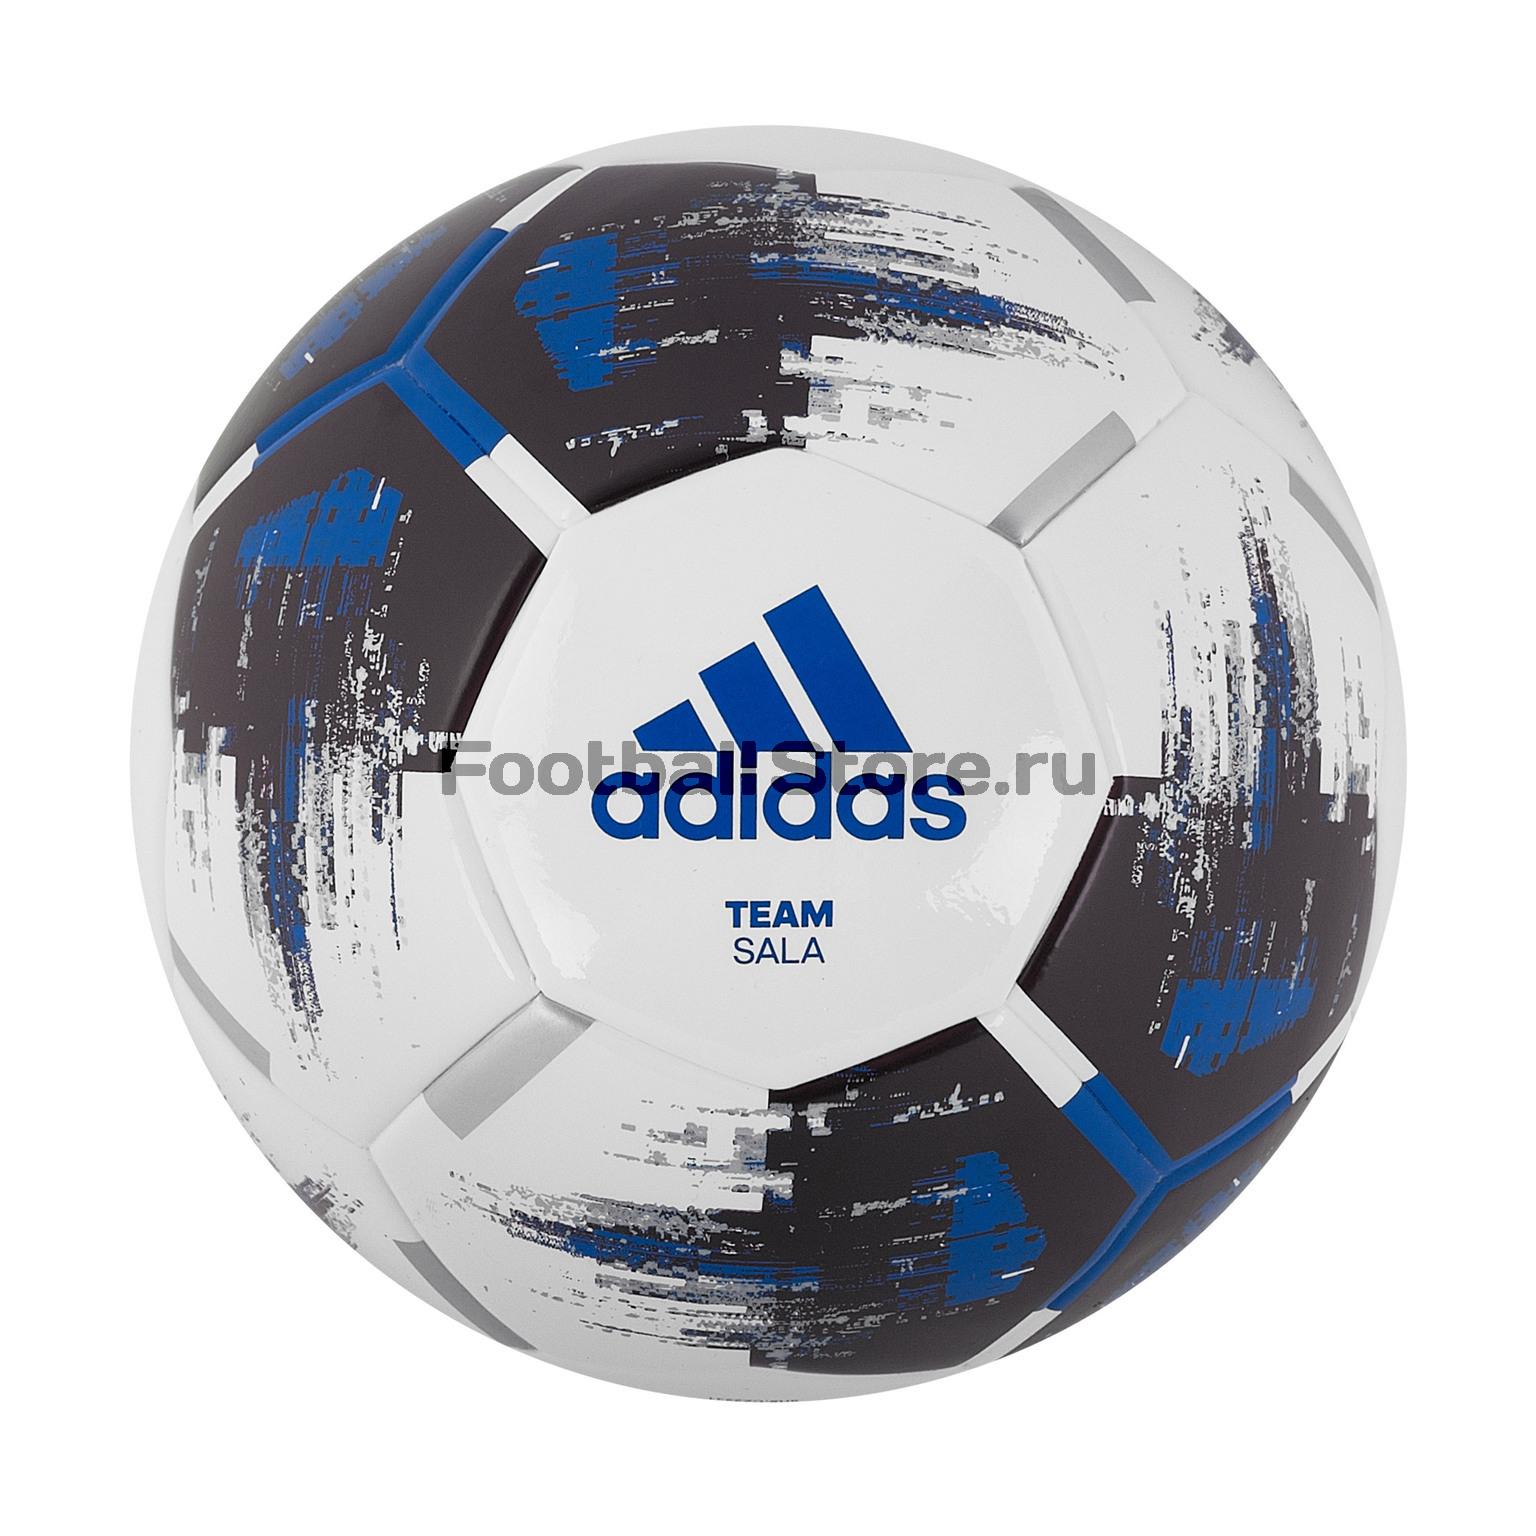 Футзальный мяч Adidas Team Sala CZ2231 цена